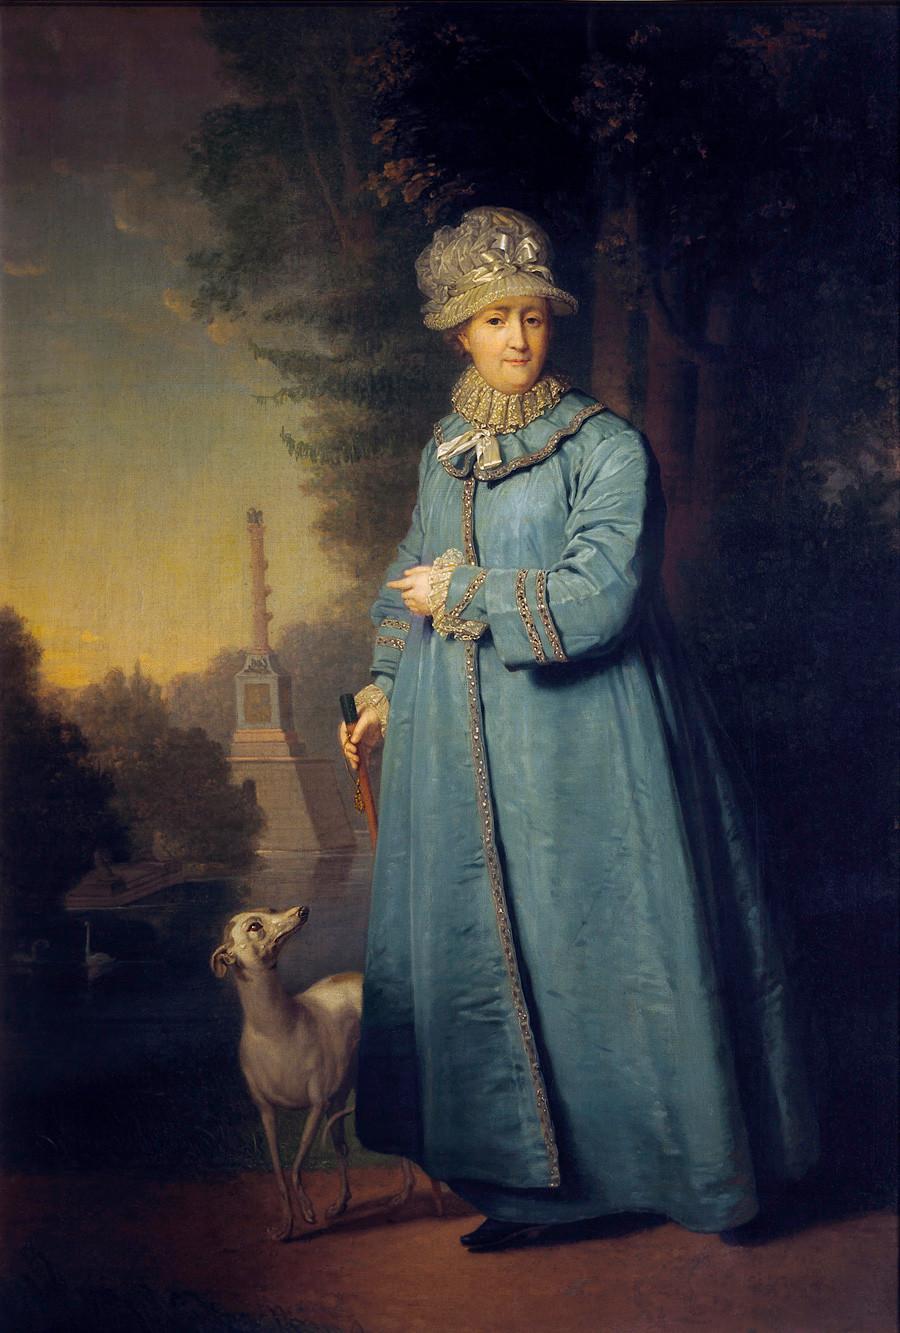 'Catarina, a Grande andando em Tsárskoie Selô', de Vladimir Borovikovsky, 1794